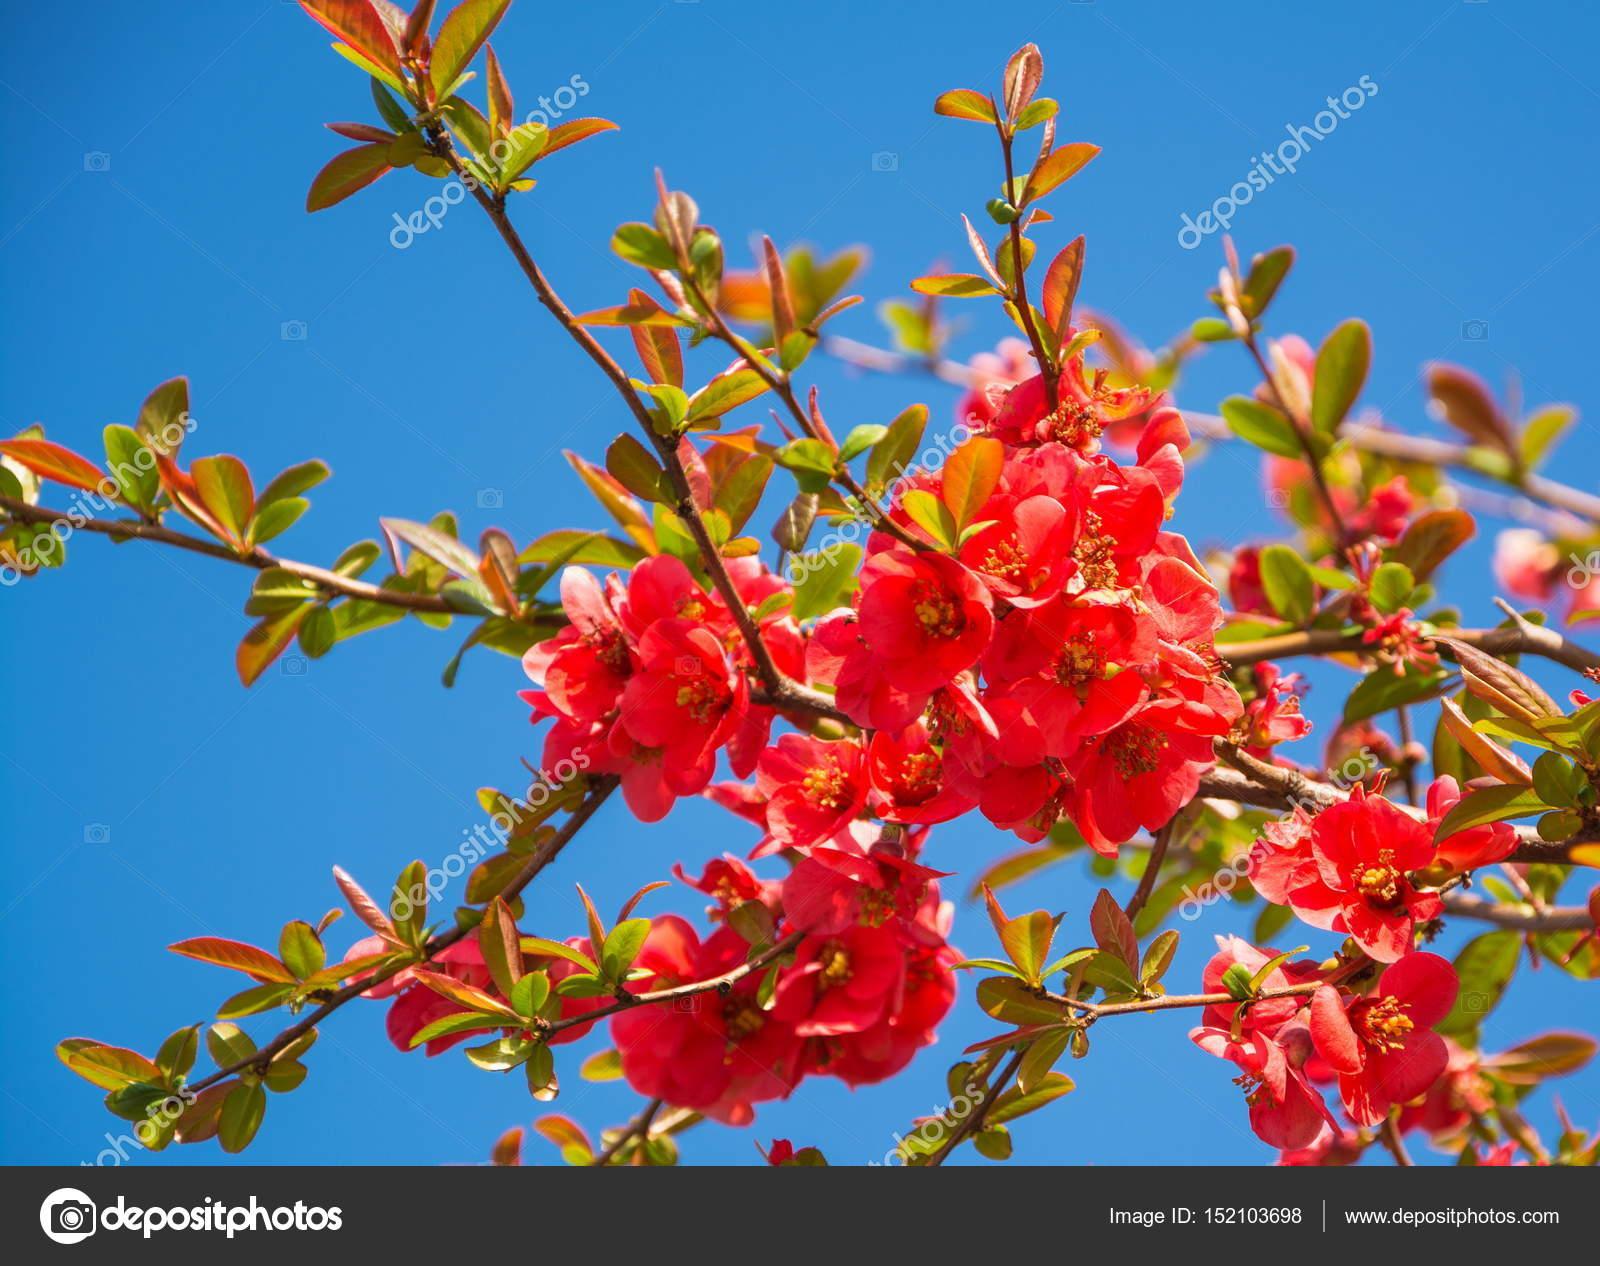 Fleurs rouges d\u0027arbre fruitier de printemps sur fond de ciel bleu \u2014 Image  de